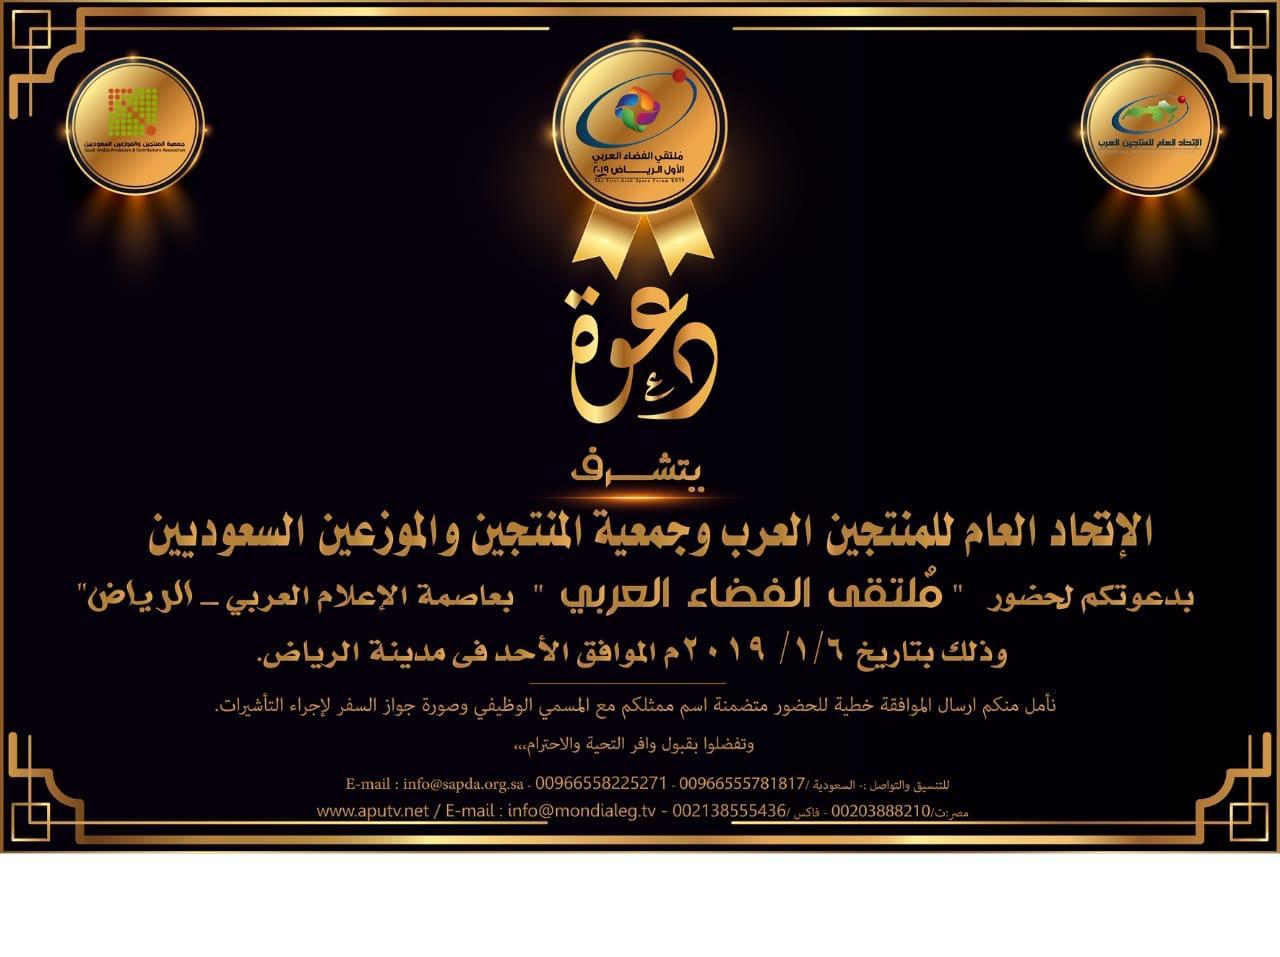 ملتقي الفضاء العربي مبادرة اطلقت بالرياض عاصمة الاعلام العربي